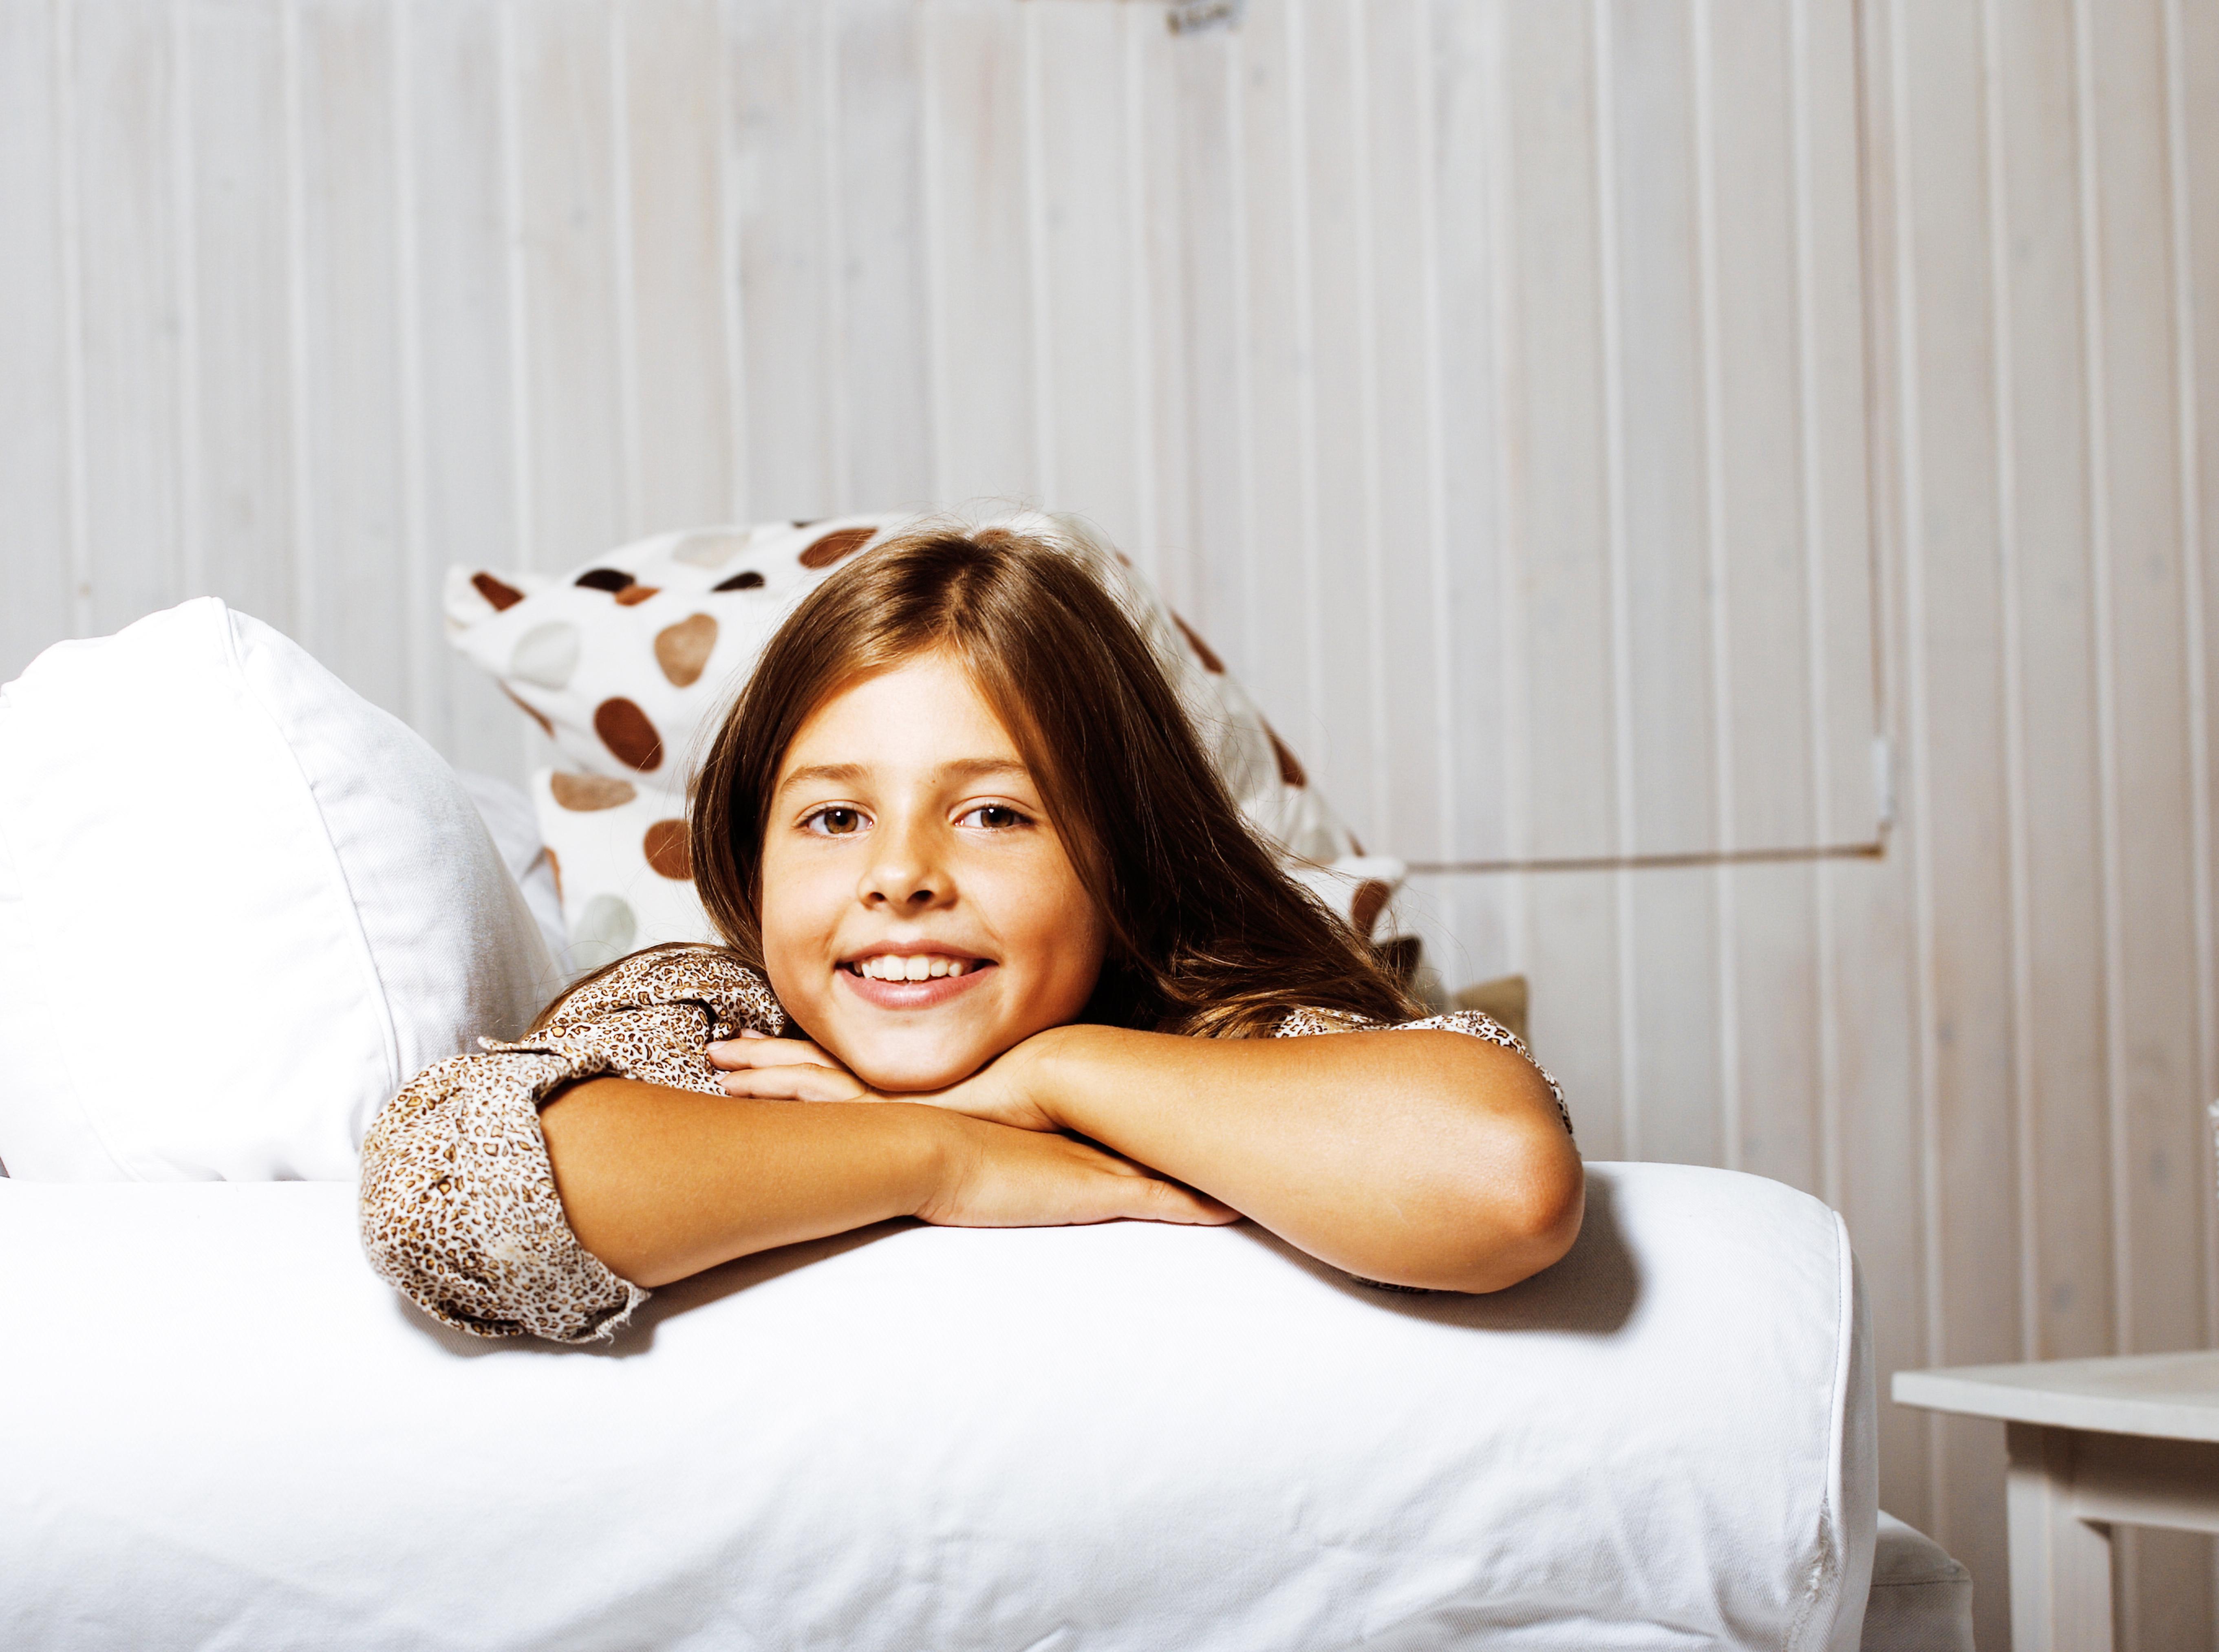 fata 7-12 ani